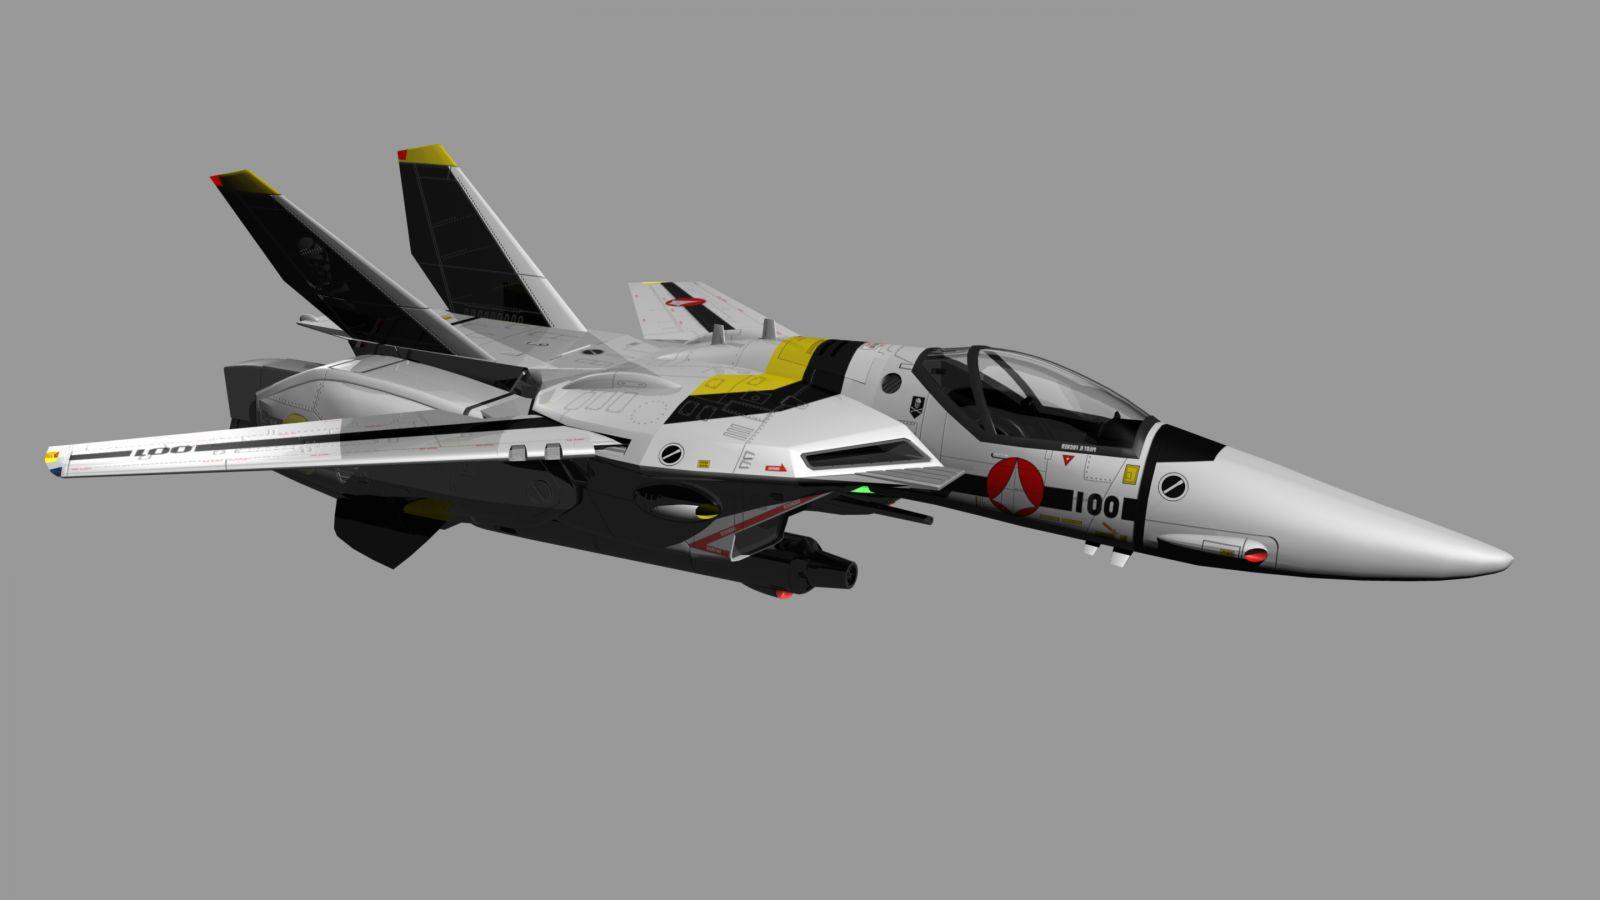 CG VF-1S Roy Fokker - Jet